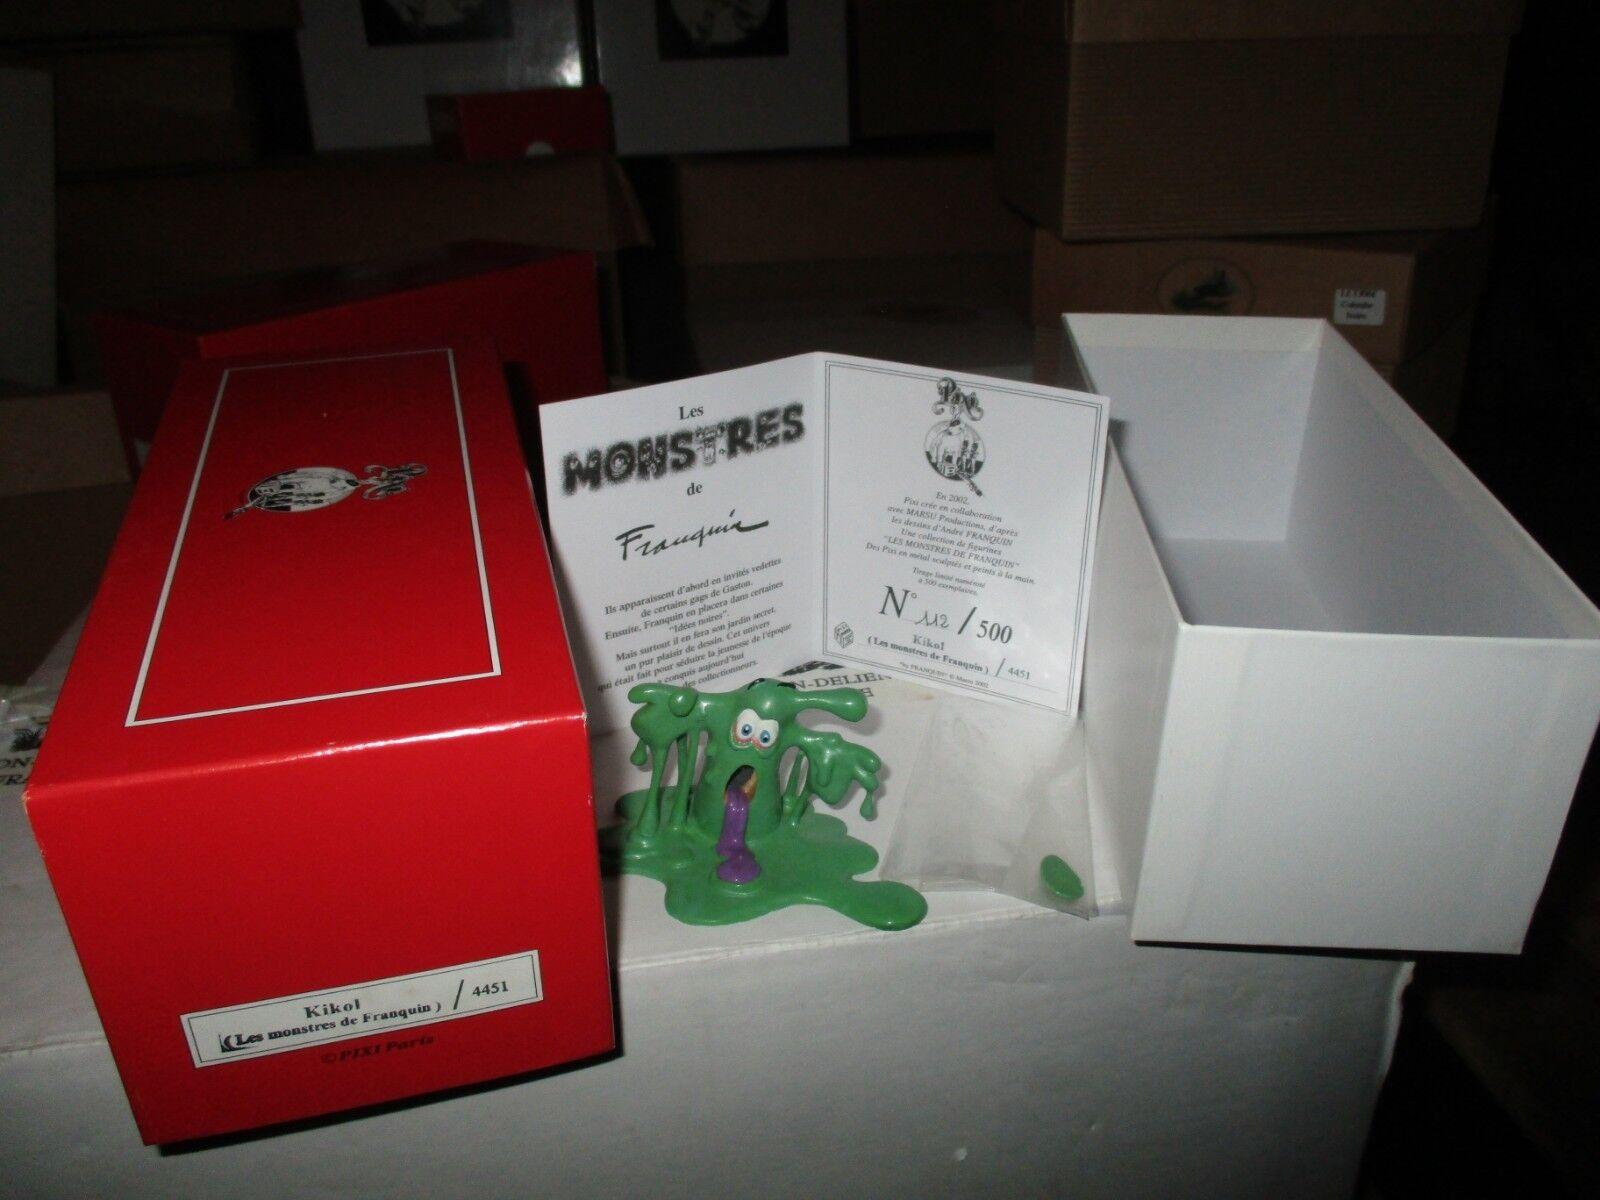 Franquin- Pixi - The Munsters von von von Franquin-Kikol-500 Exemplaire-Boite&certif ddbf97